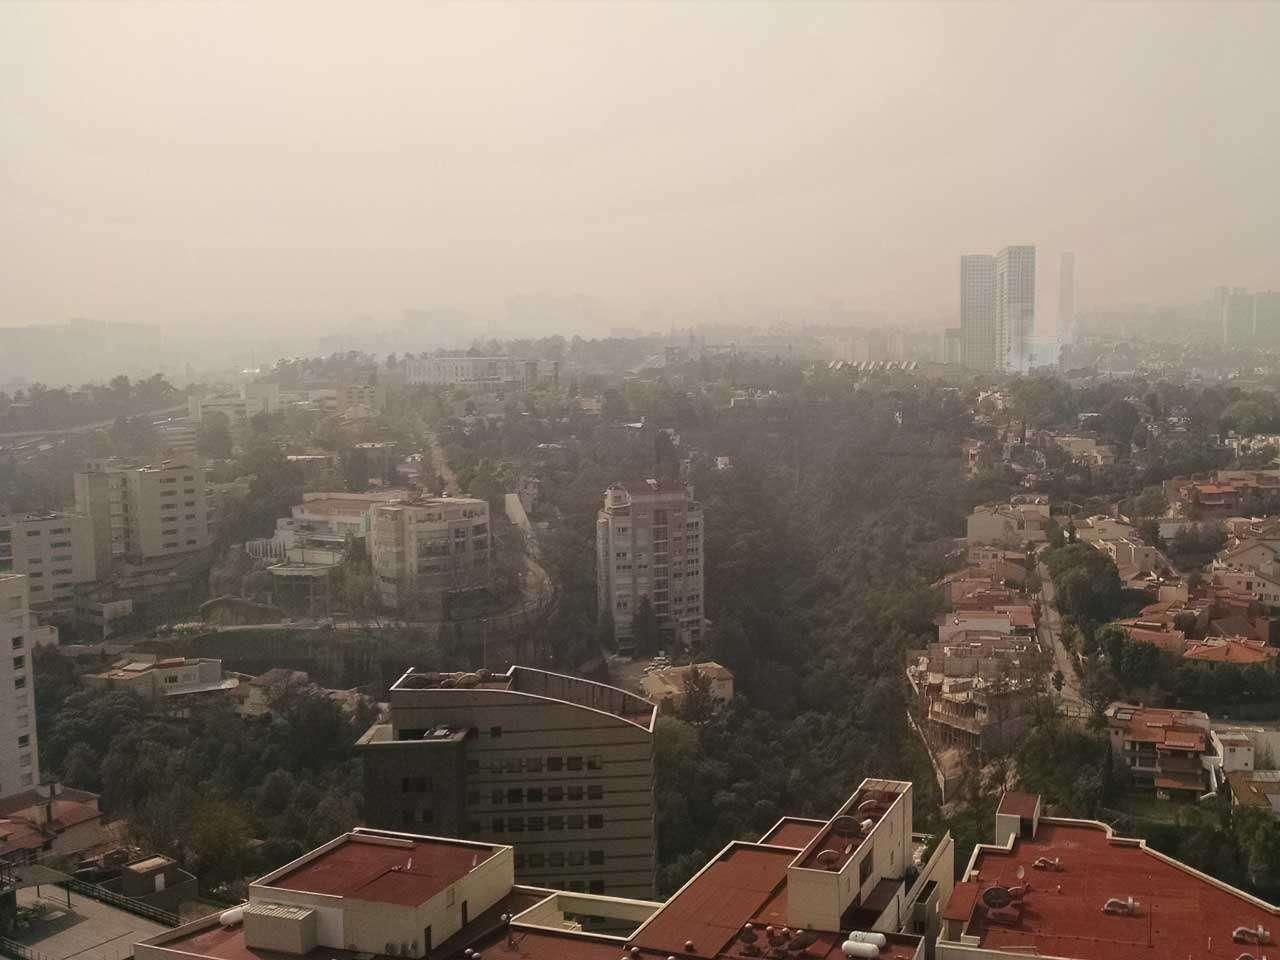 La calidad del aire en la Ciudad de México registró más de 100 puntos Imeca, el primero de enero de 2015. Foto: Juan Manuel Solís/Terra